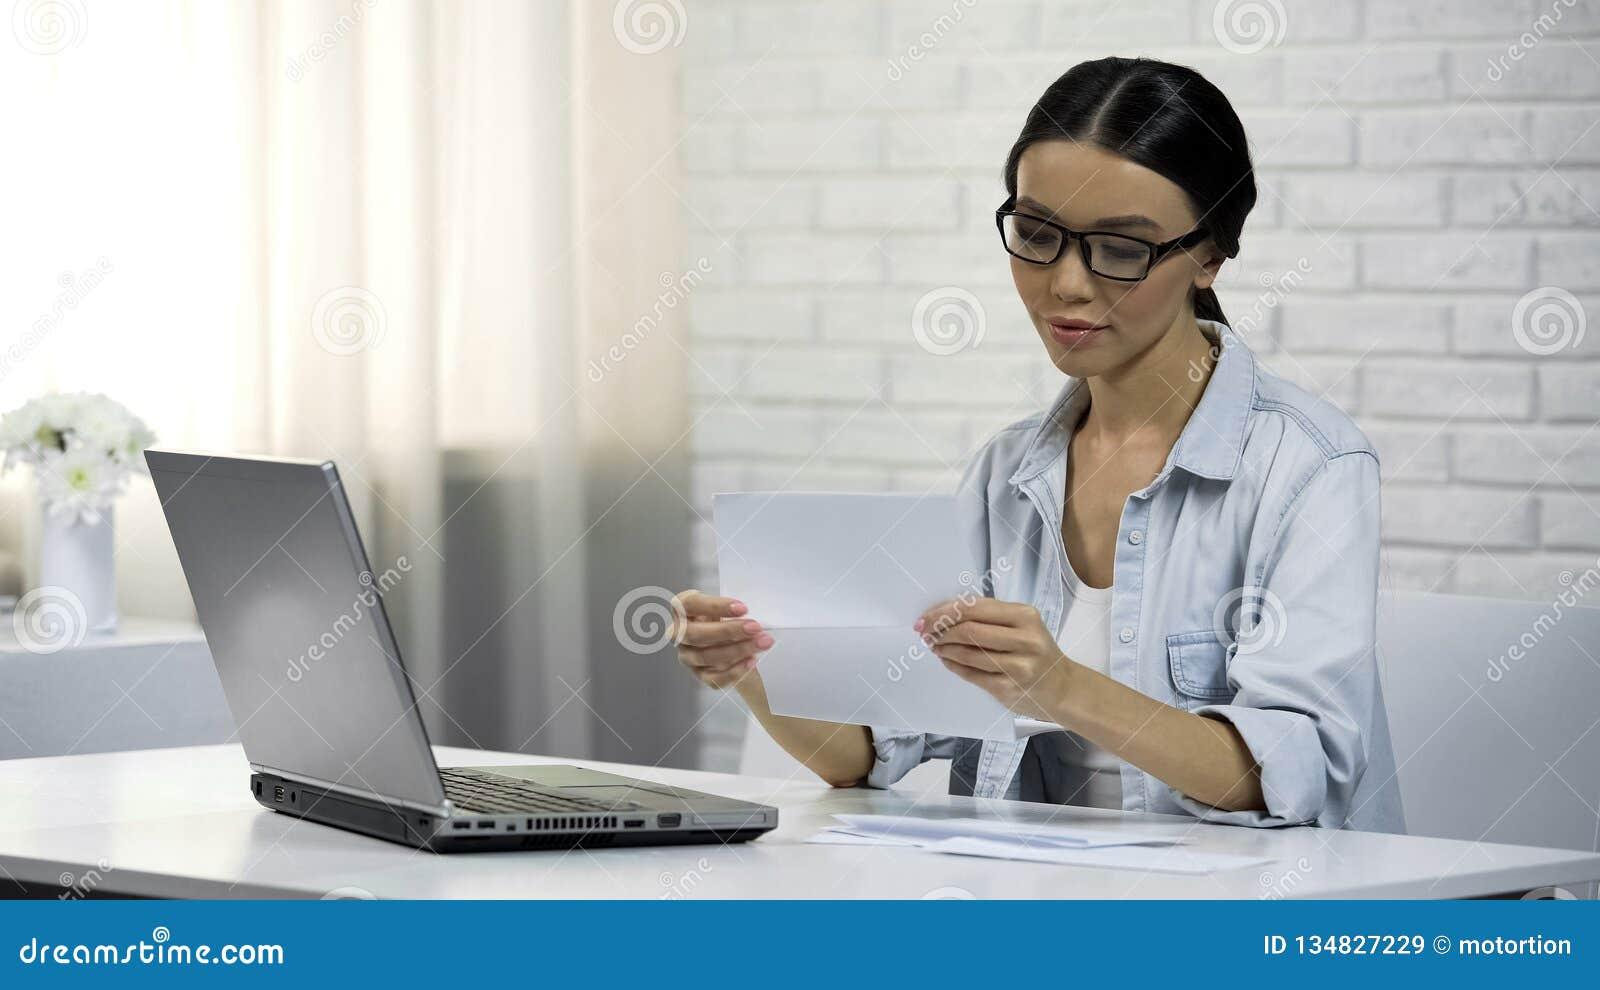 Femme asiatique en verres lisant la lettre, assignation (à comparaître), réception de correspondance